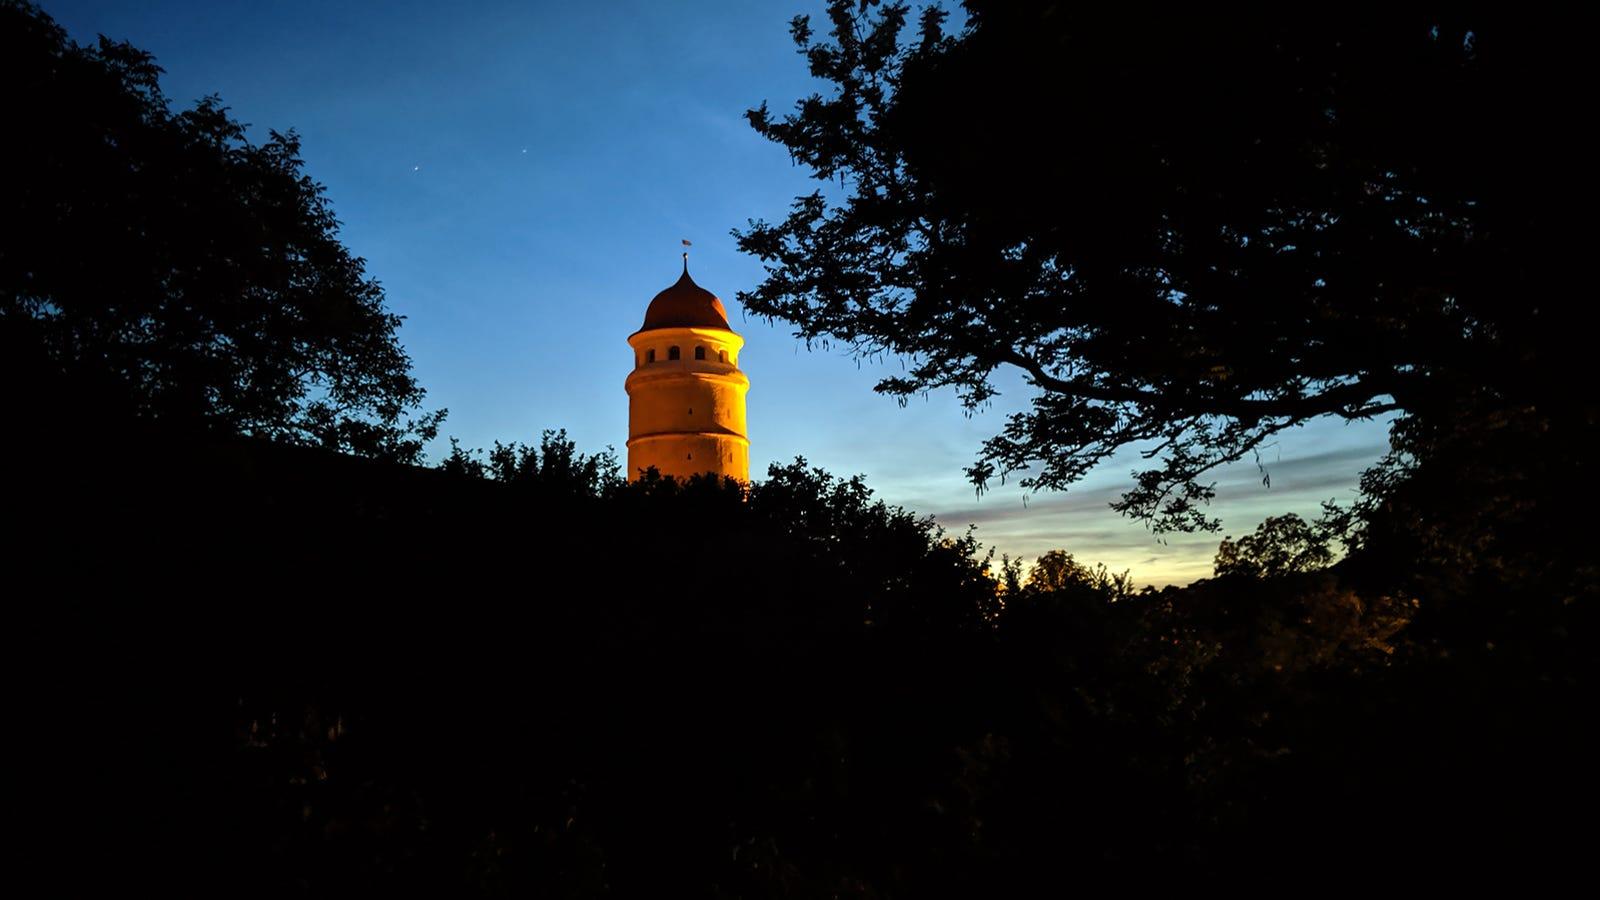 GOOGLE PIXEL 3A: Espectacular resultado. El procesado de imagen maquilla demasiado las fotos diurnas, pero a las nocturnas les da un encanto poco común.